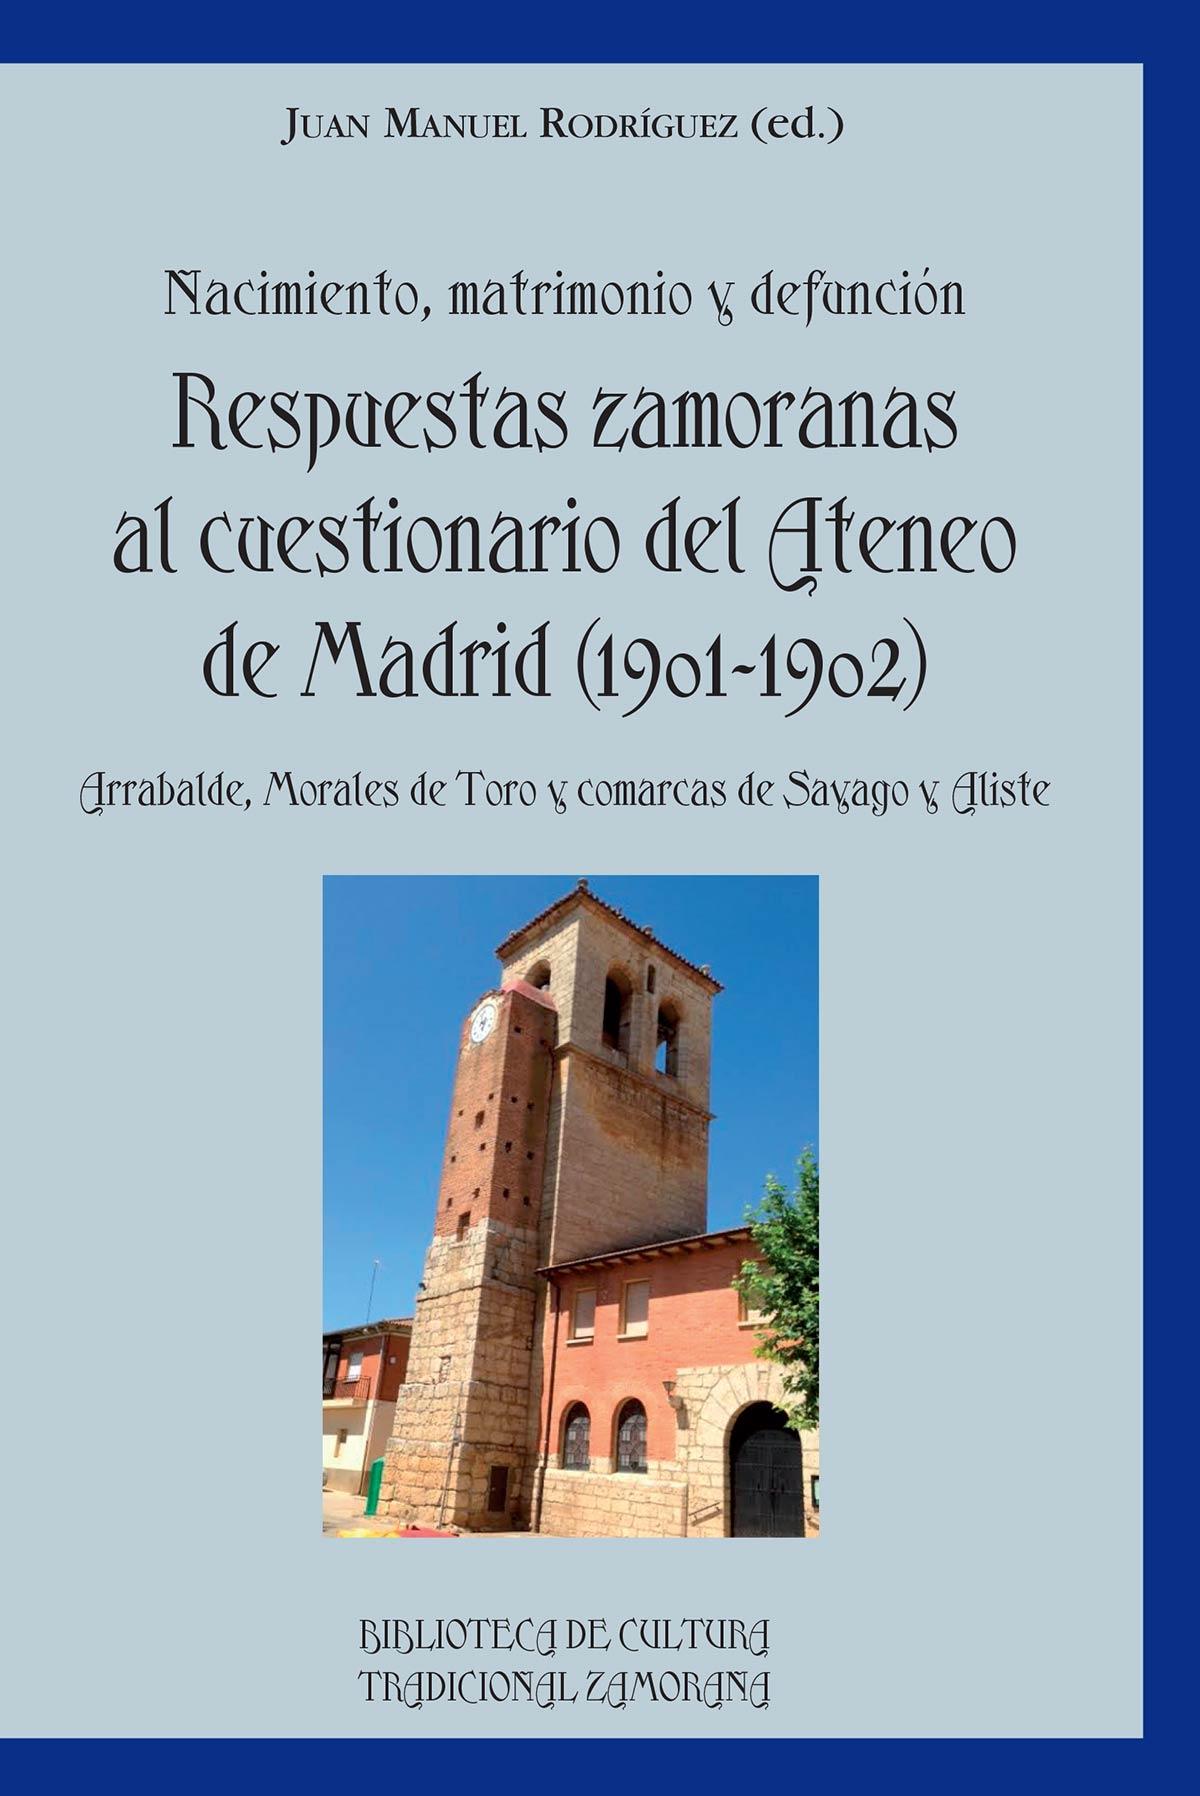 Respuestas Zambianas al cuestionario del Ateneo de Madrid 1901-1902 librería Semuret